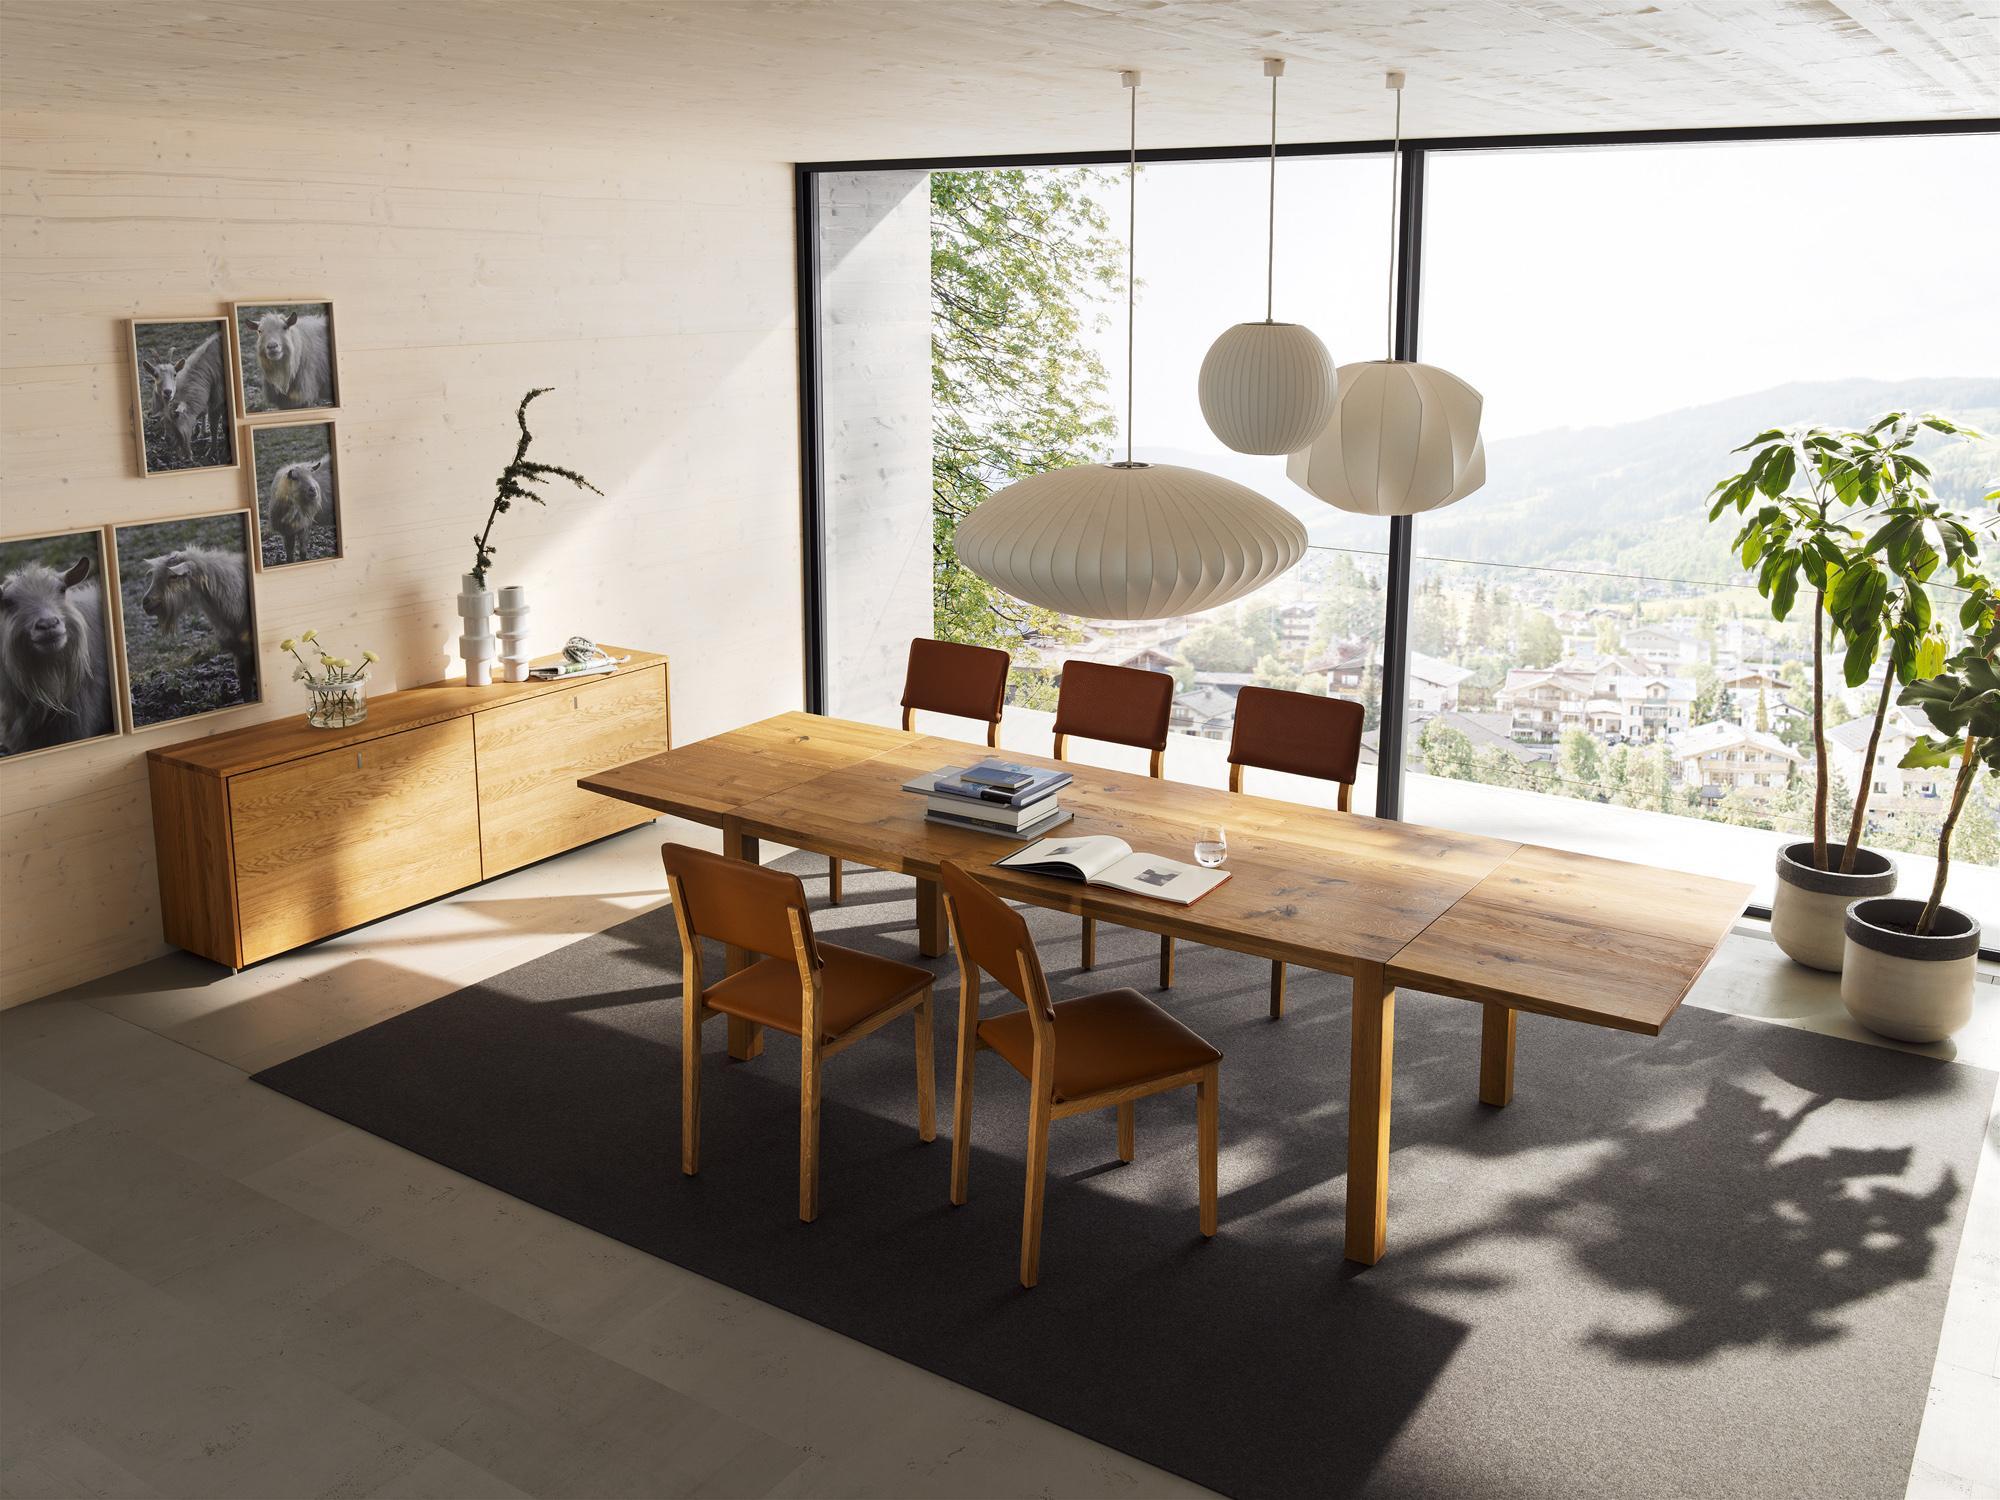 hngeleuchten trio ber dem esstisch holztisch esstisch sideboard holzstuhl esszimmerteppich - Teppich Unter Esstisch